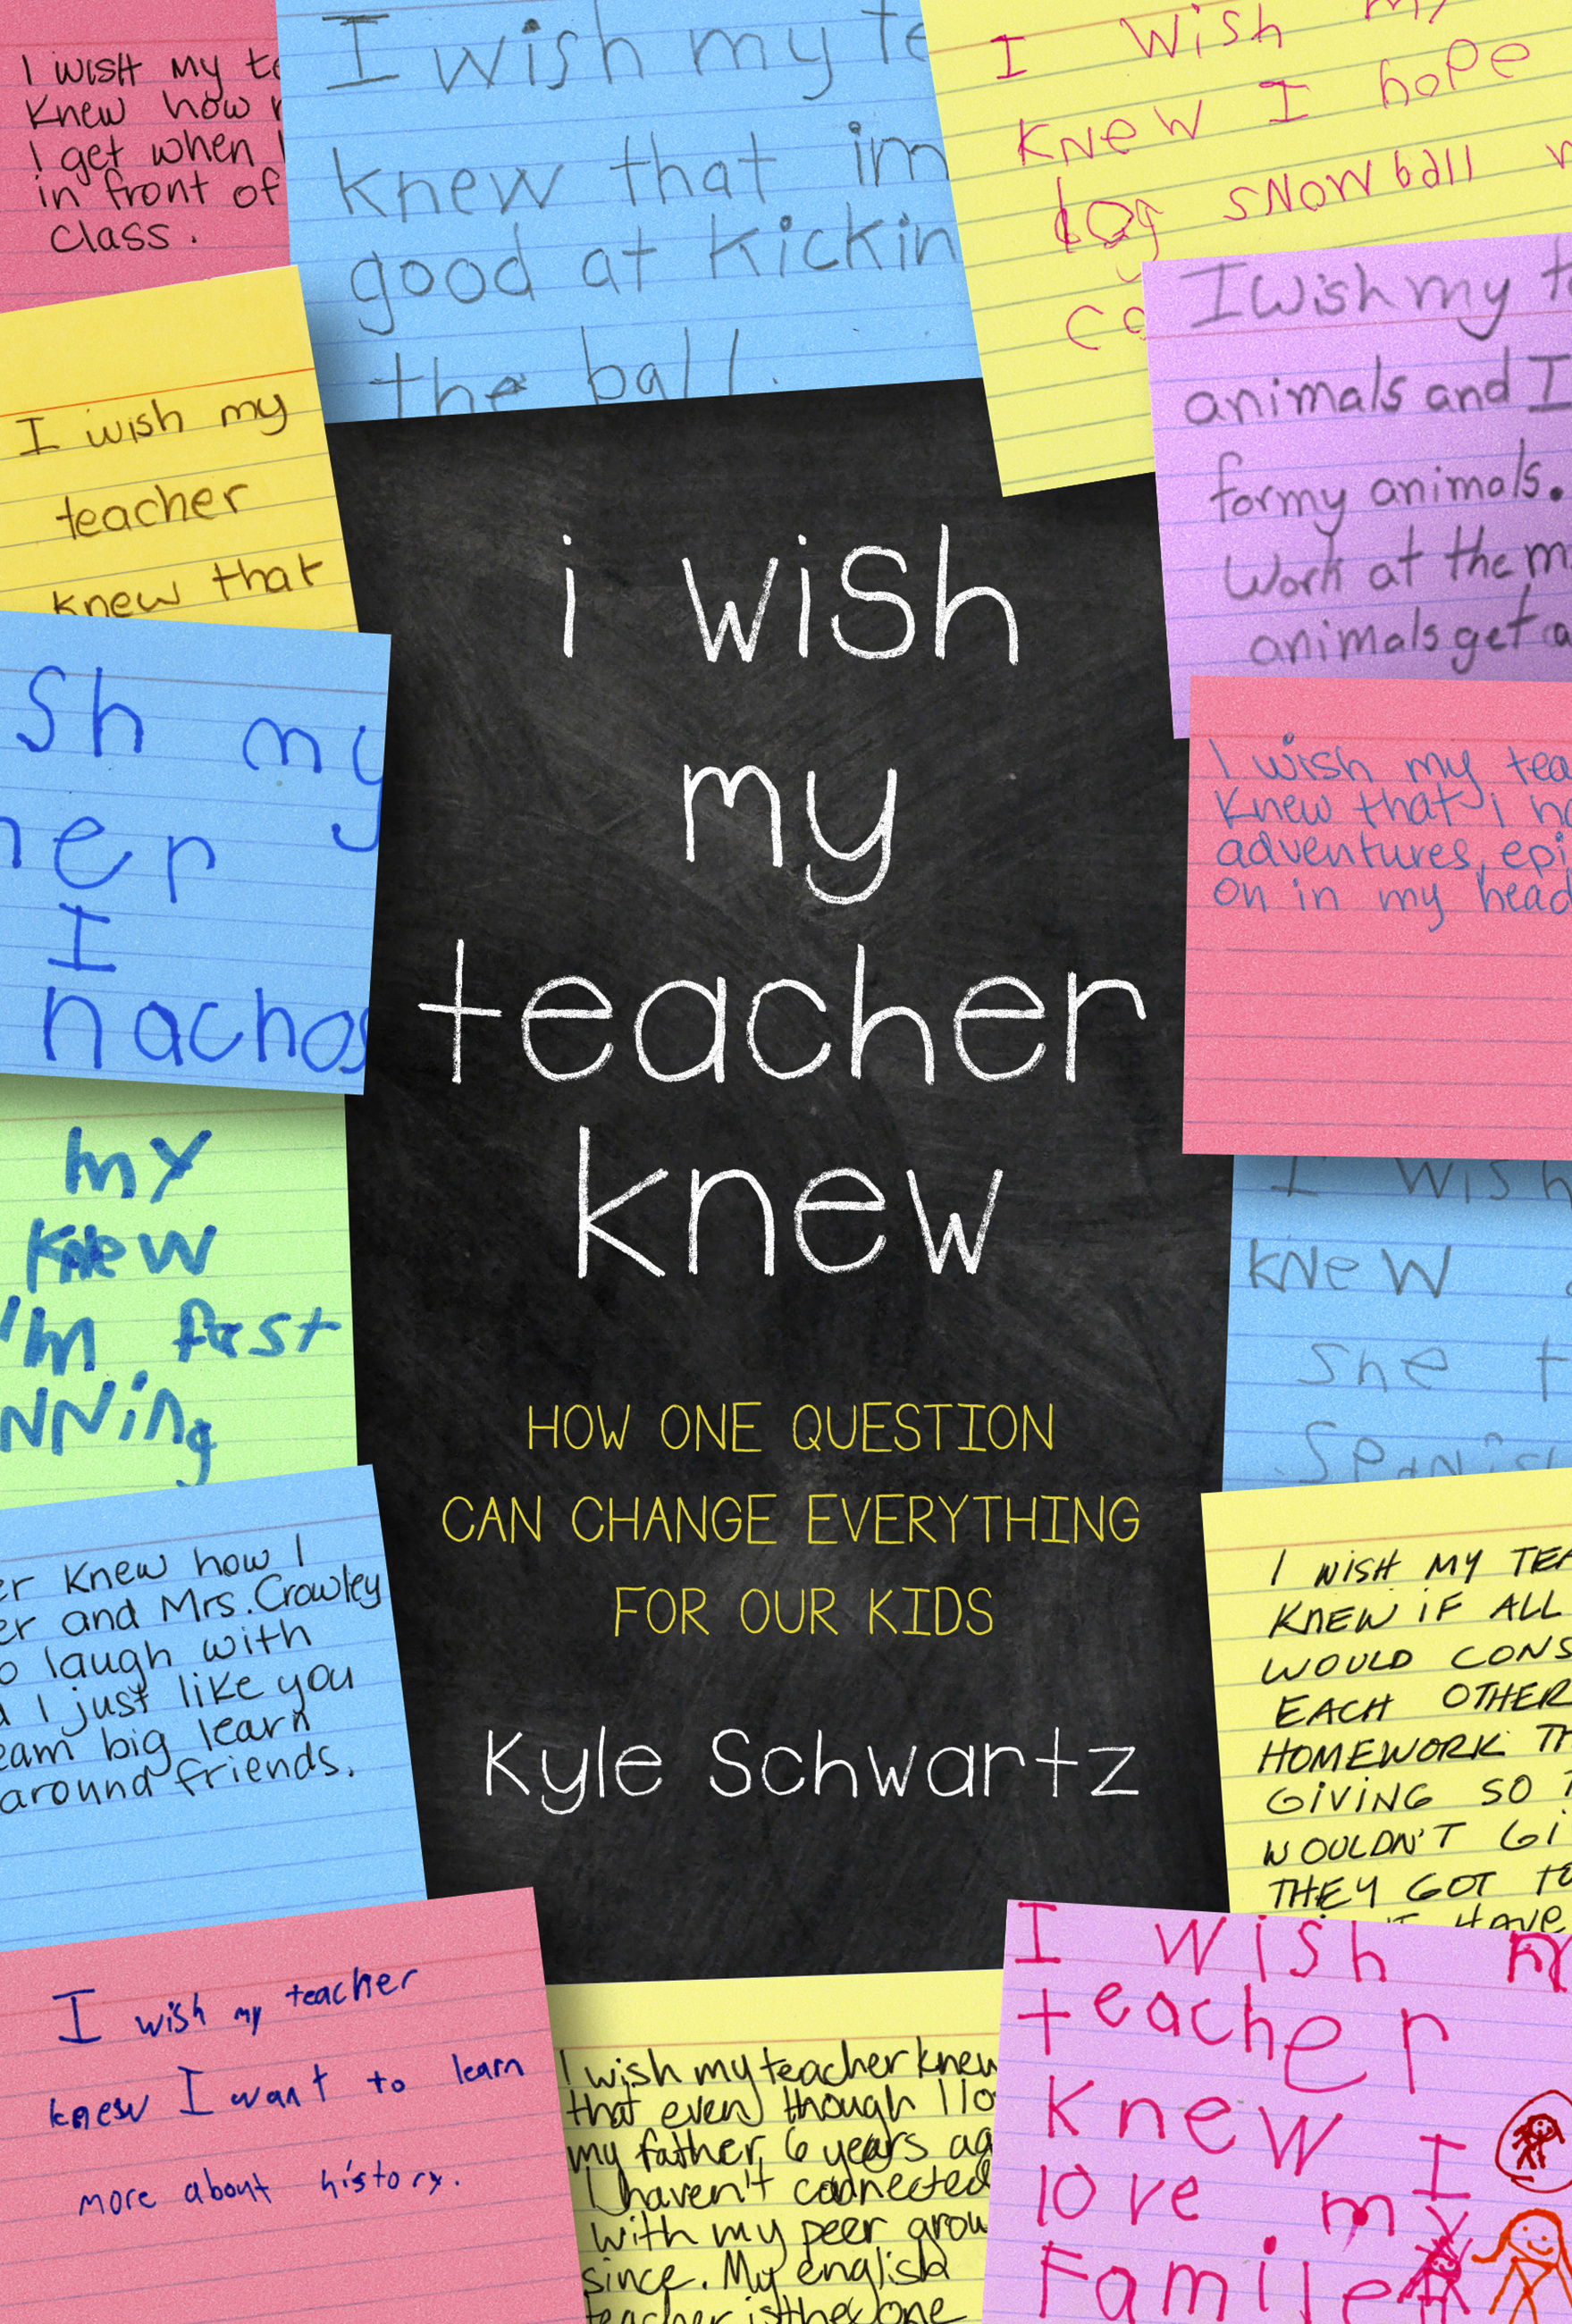 I Wish My Teacher Knew Class Assignment Reveals Heartbreaking Truths About Denver Kids